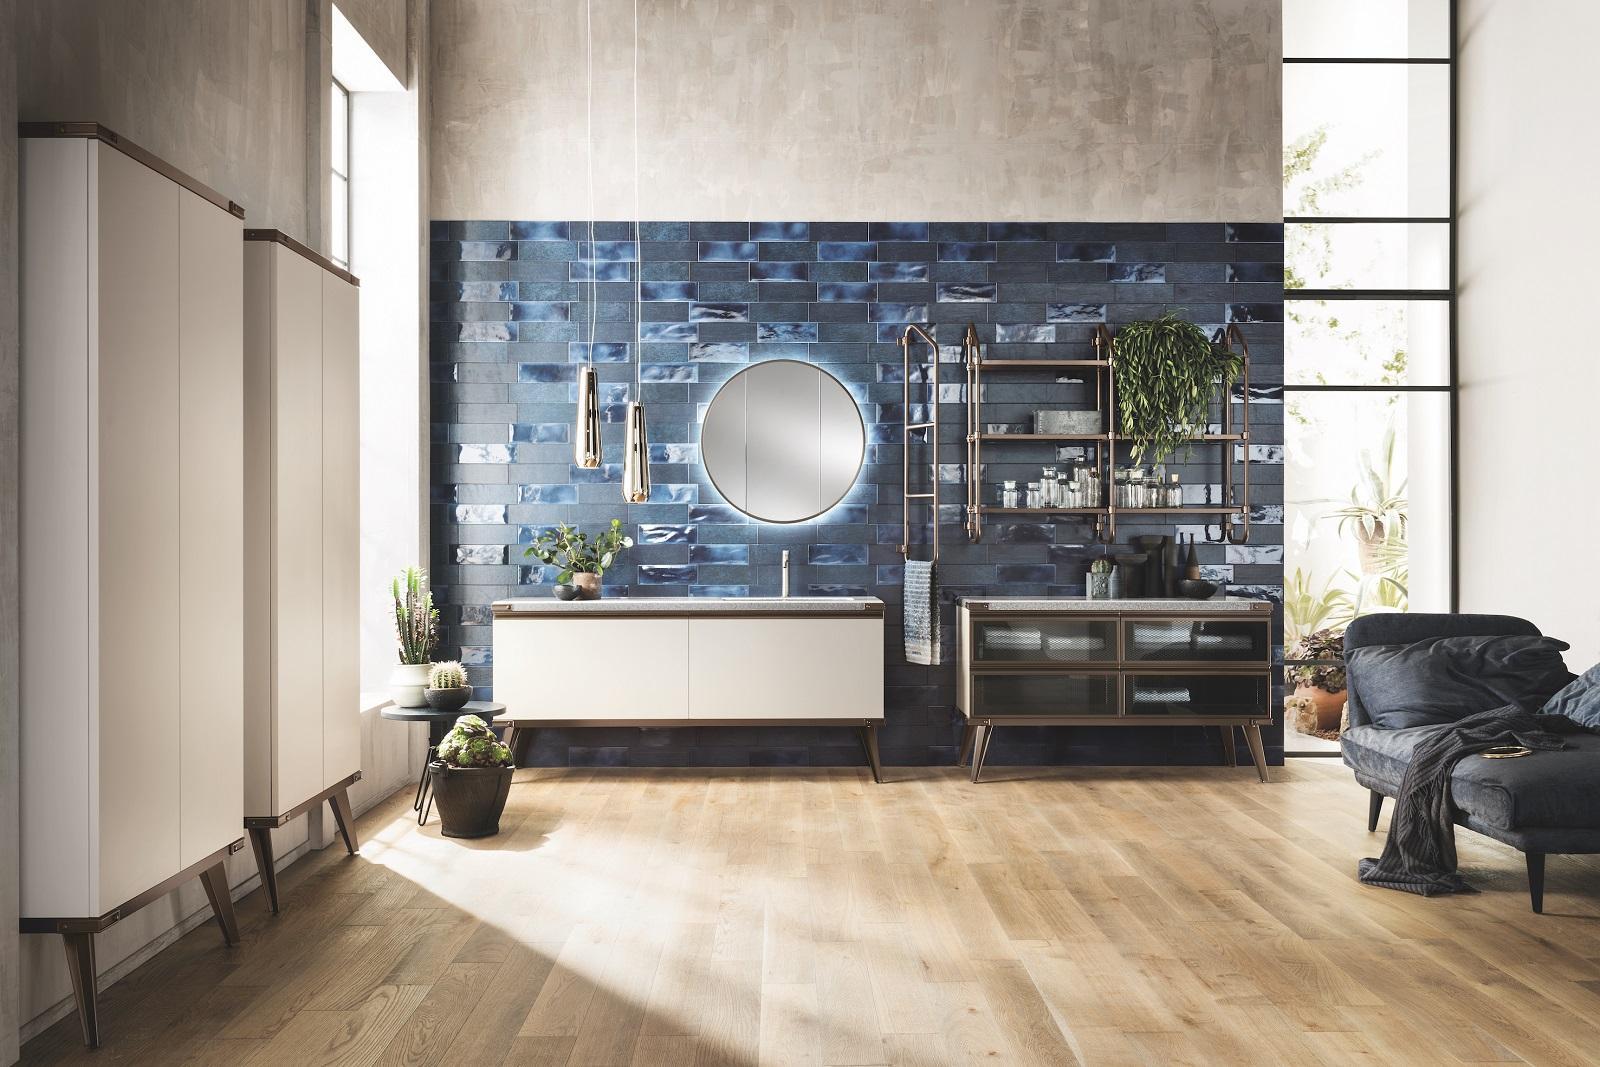 Eccezionale Bagno in stile industriale per una casa total look - Cose di Casa SC19